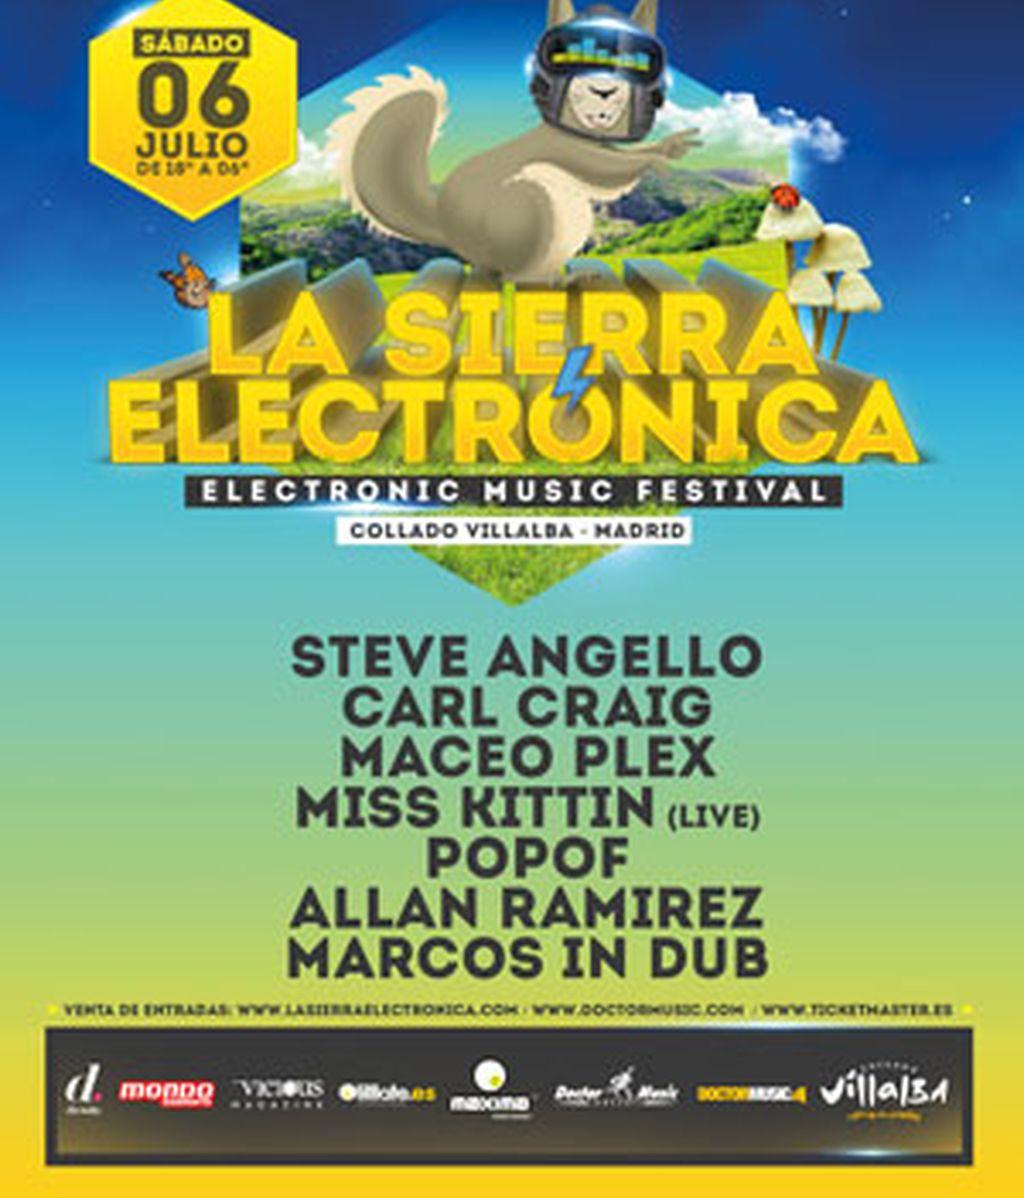 Nace 'La sierra electrónica' un nuevo festival de música